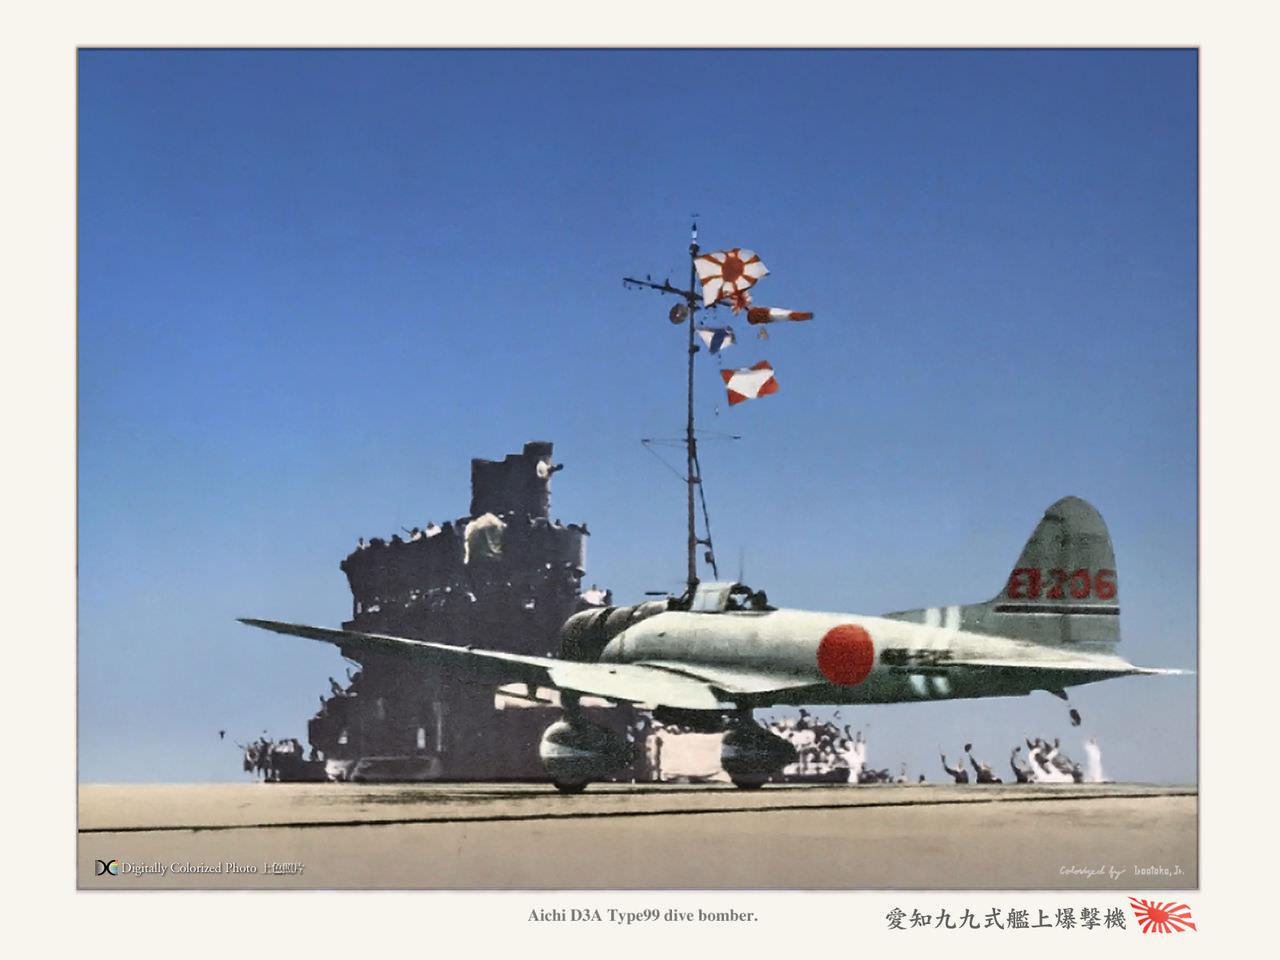 Aichi D3A dive bomber